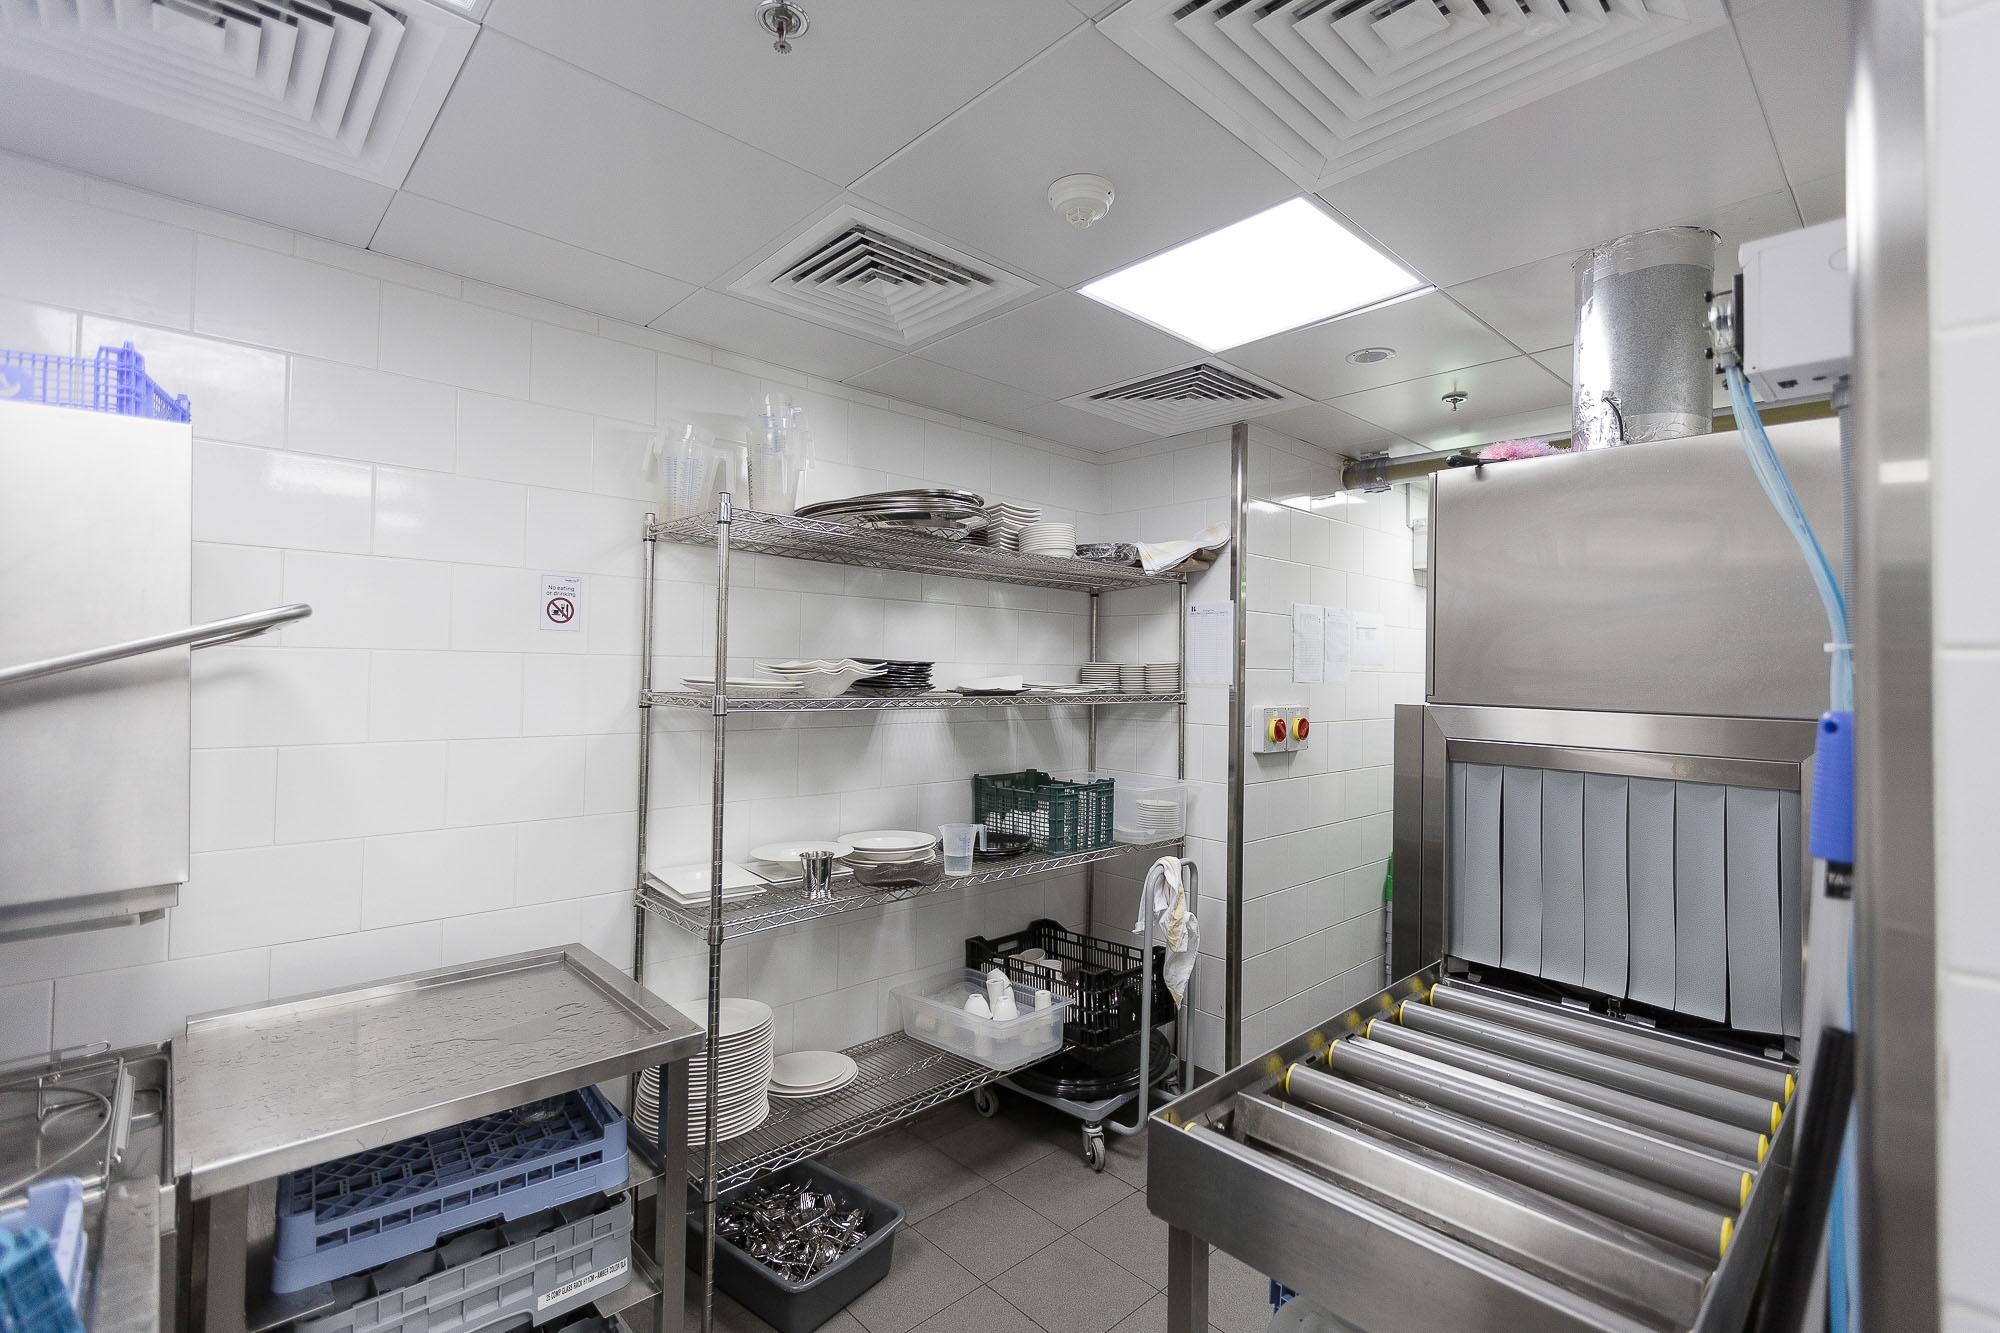 italia_kitchen_robertos_abu_dhabi_18